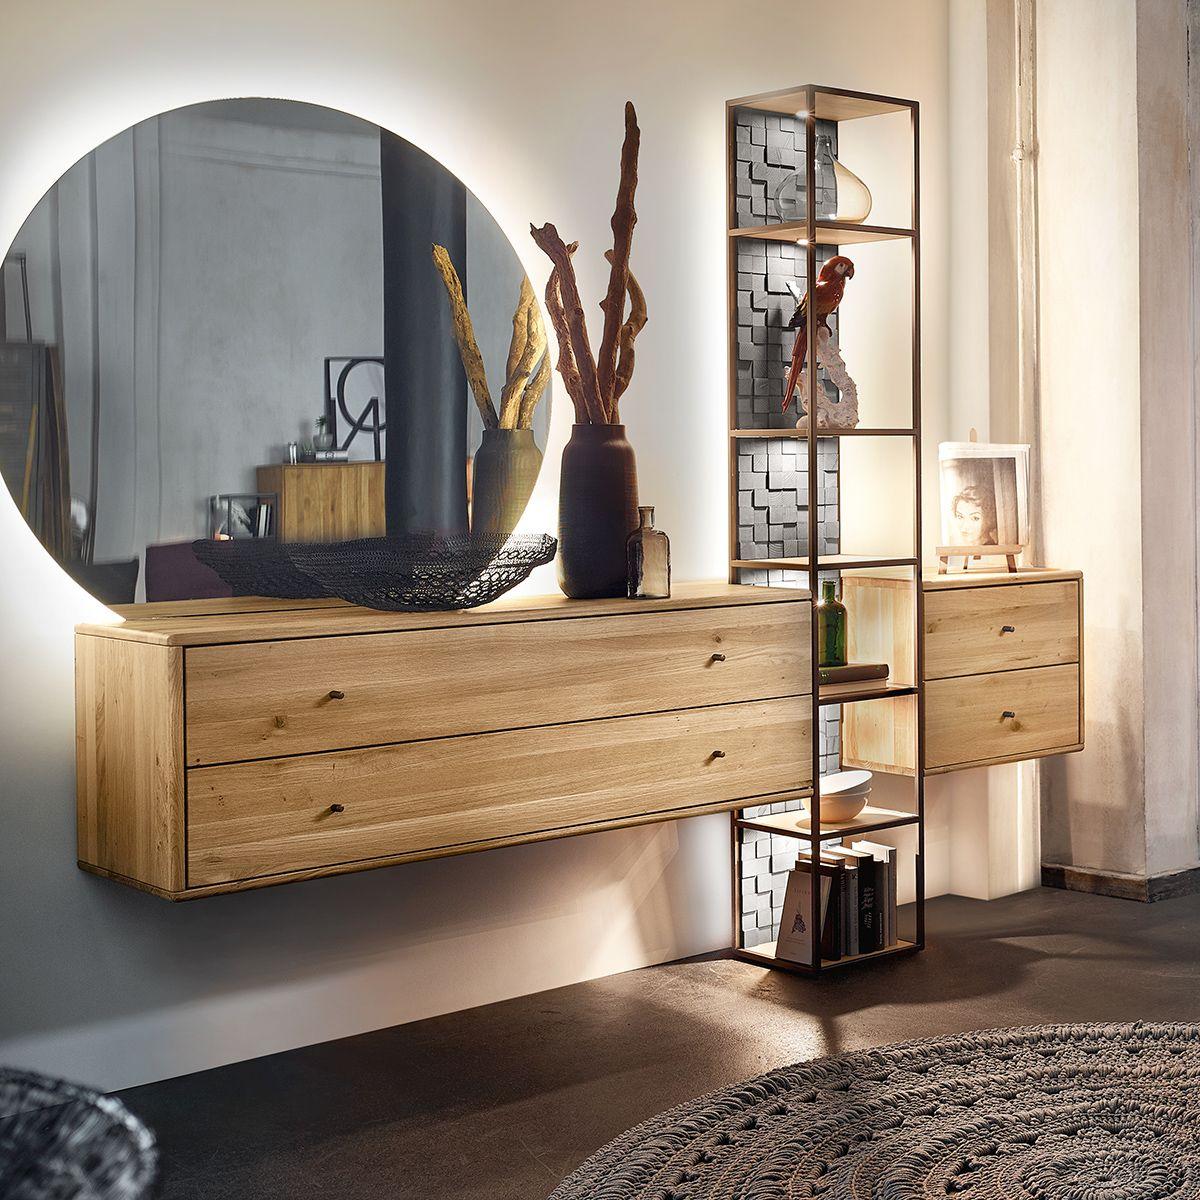 Eine Gelungene Kombination Aus Massivholz Metall Glas Und Einem Effektvollen Spiegel Perfekt Fur Dein Wohnzi Wohnzimmer Ideen Wohnung Wohnen Wohnzimmermobel